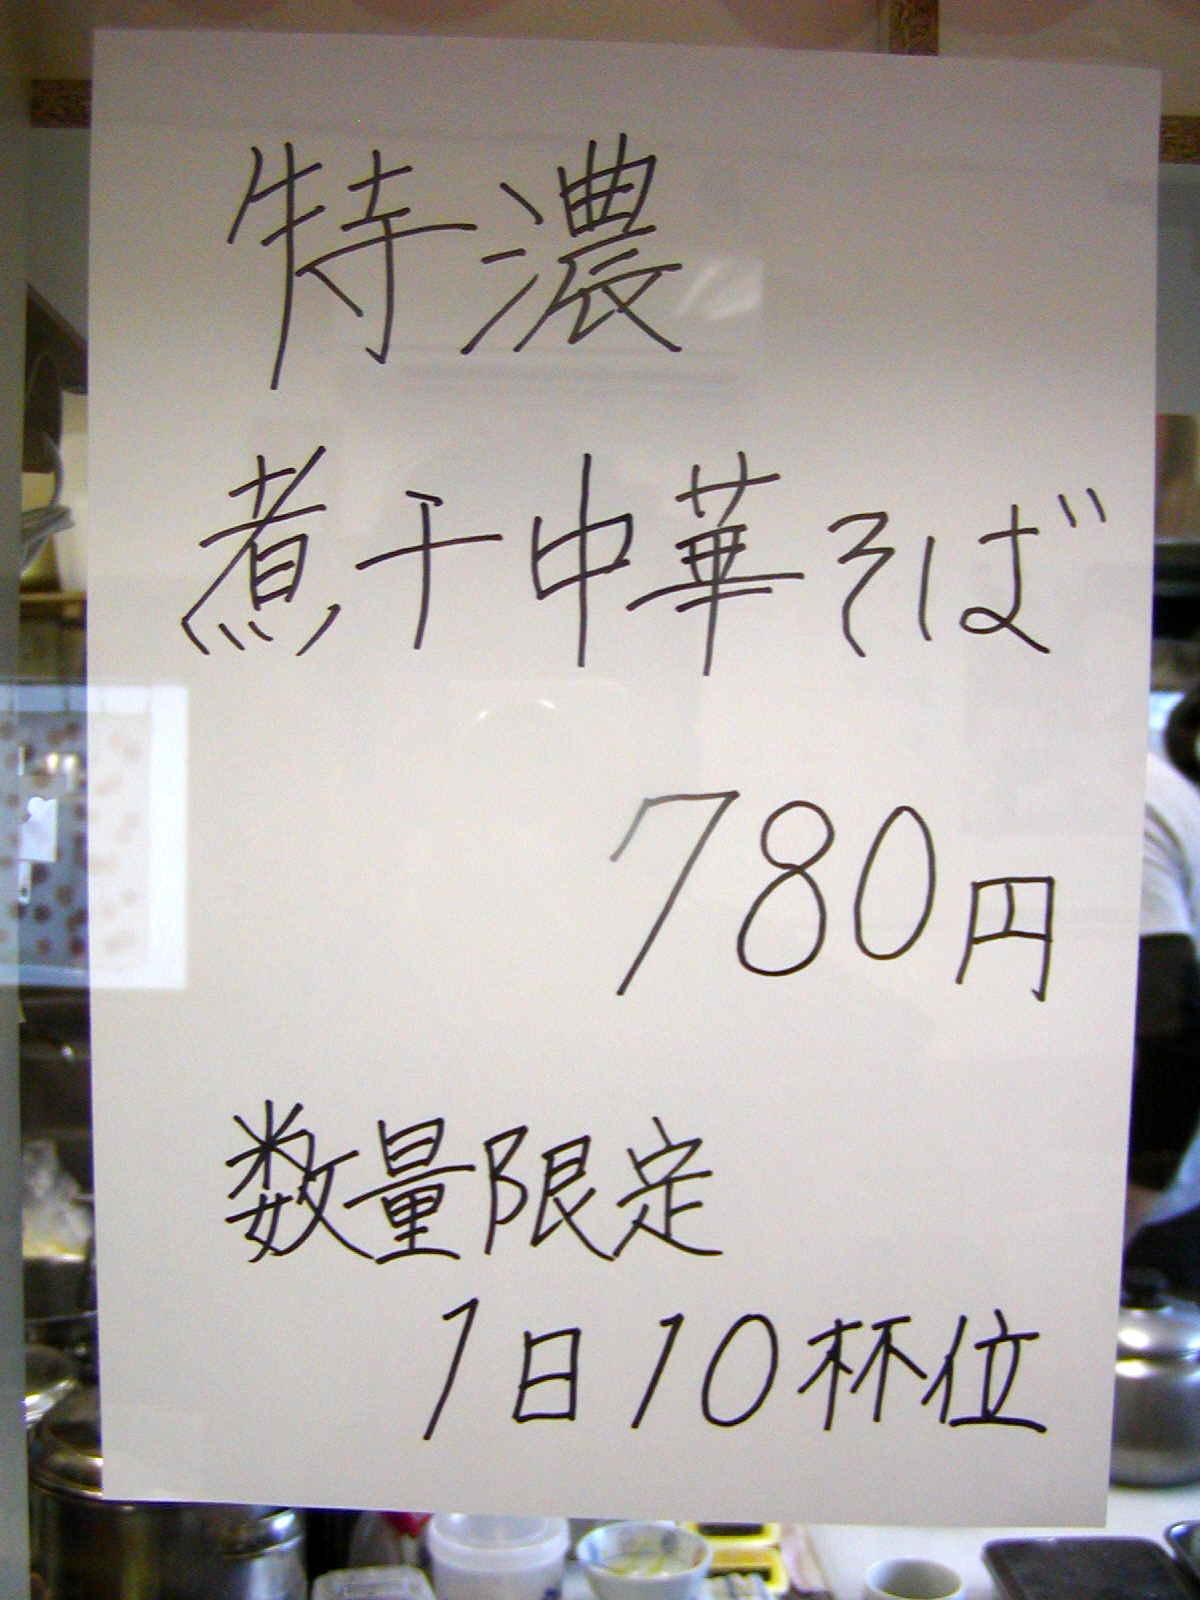 ちっきん【特濃煮干中華そば】 @藤枝市